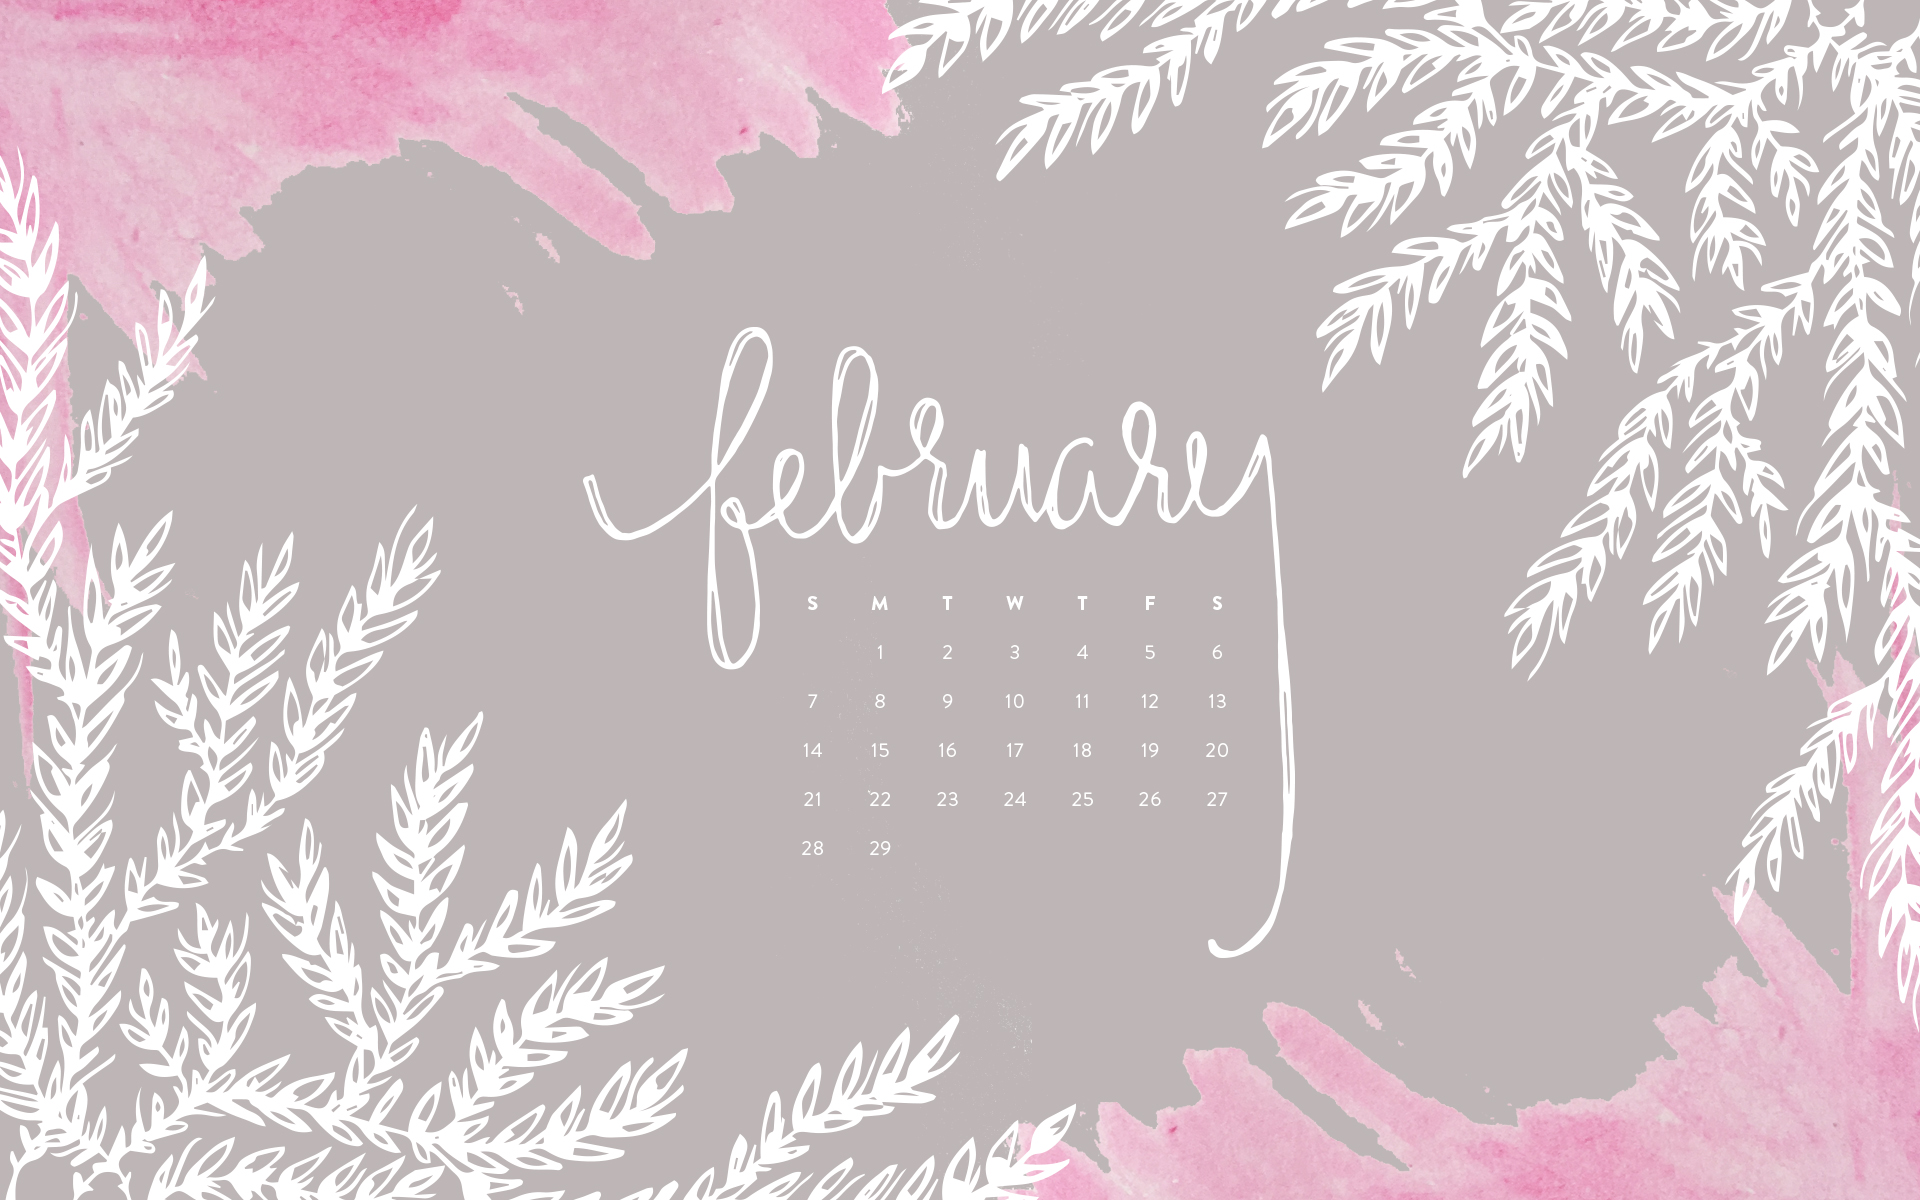 crosscards calendar wallpaper